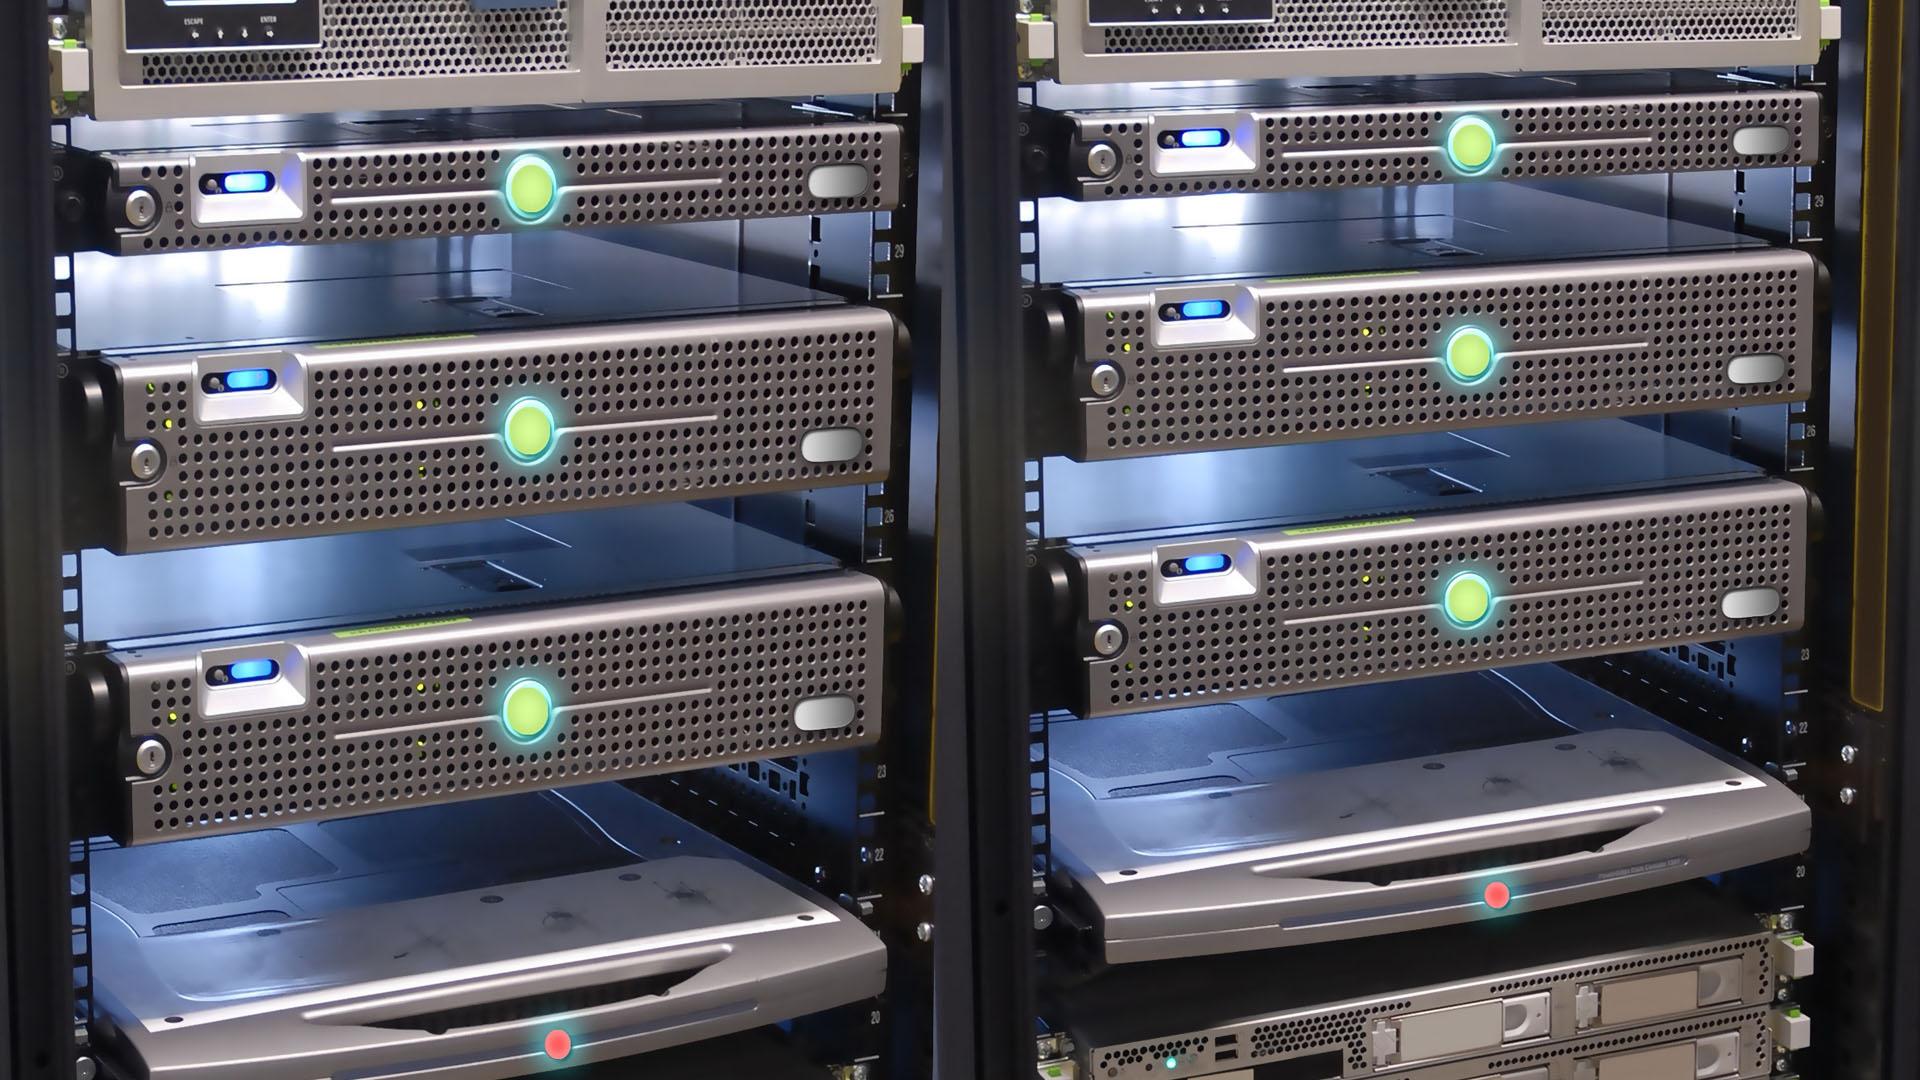 Cs go server hosting india